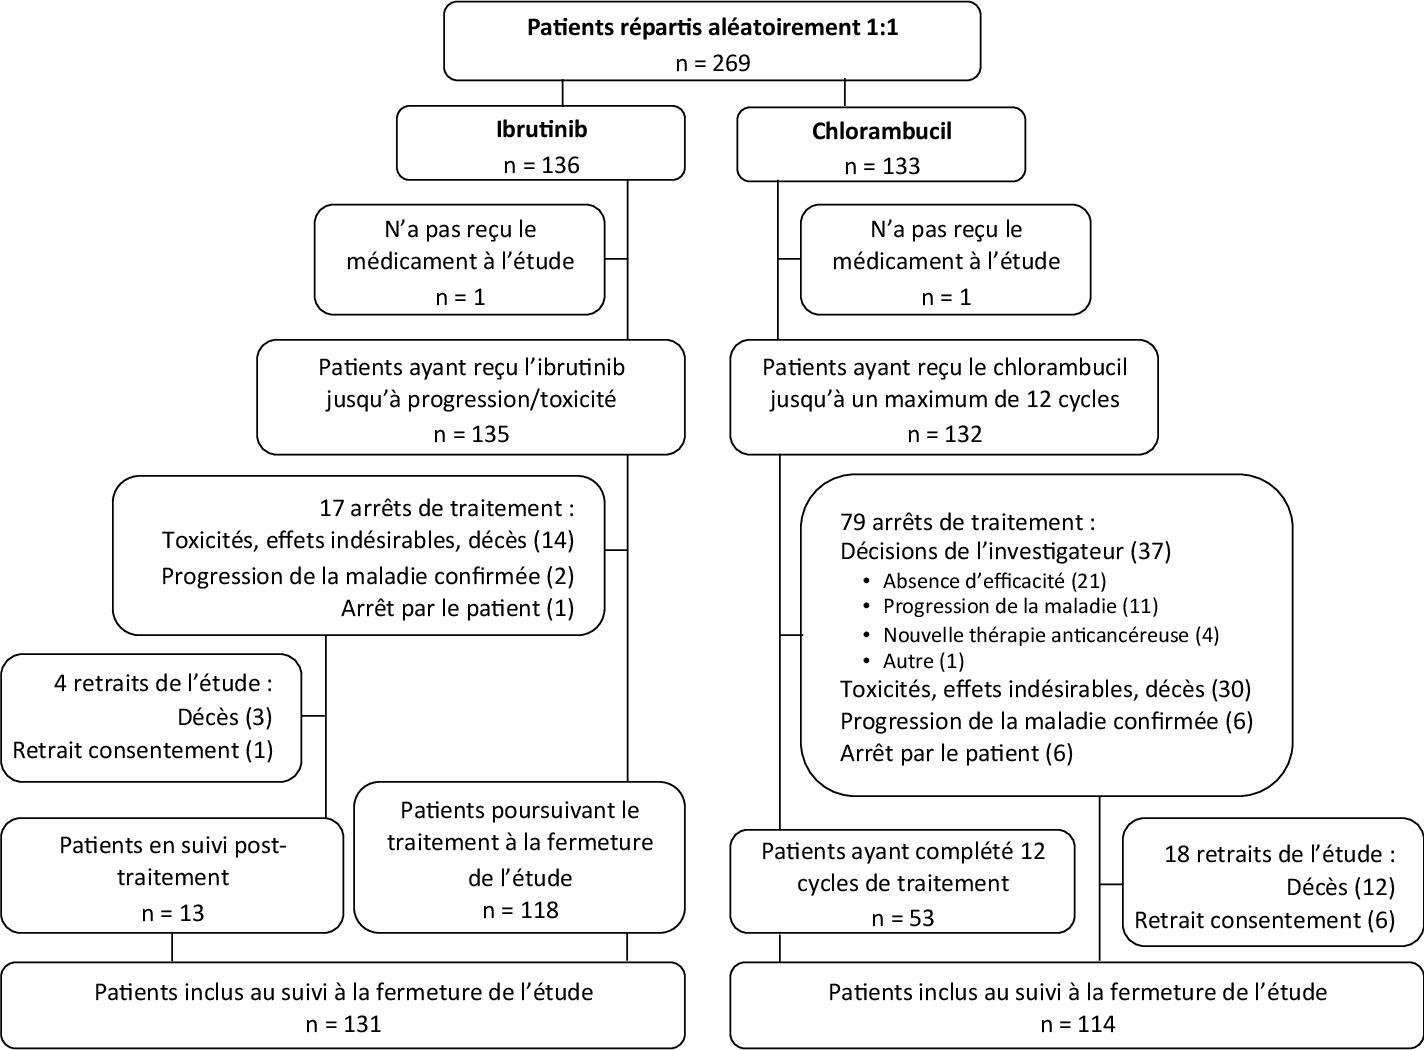 Ibrutinib En Premiere Ligne De Traitement De La Leucemie Lymphoide Chronique Pour Les Patients Ages Etude Resonate 2 Semantic Scholar